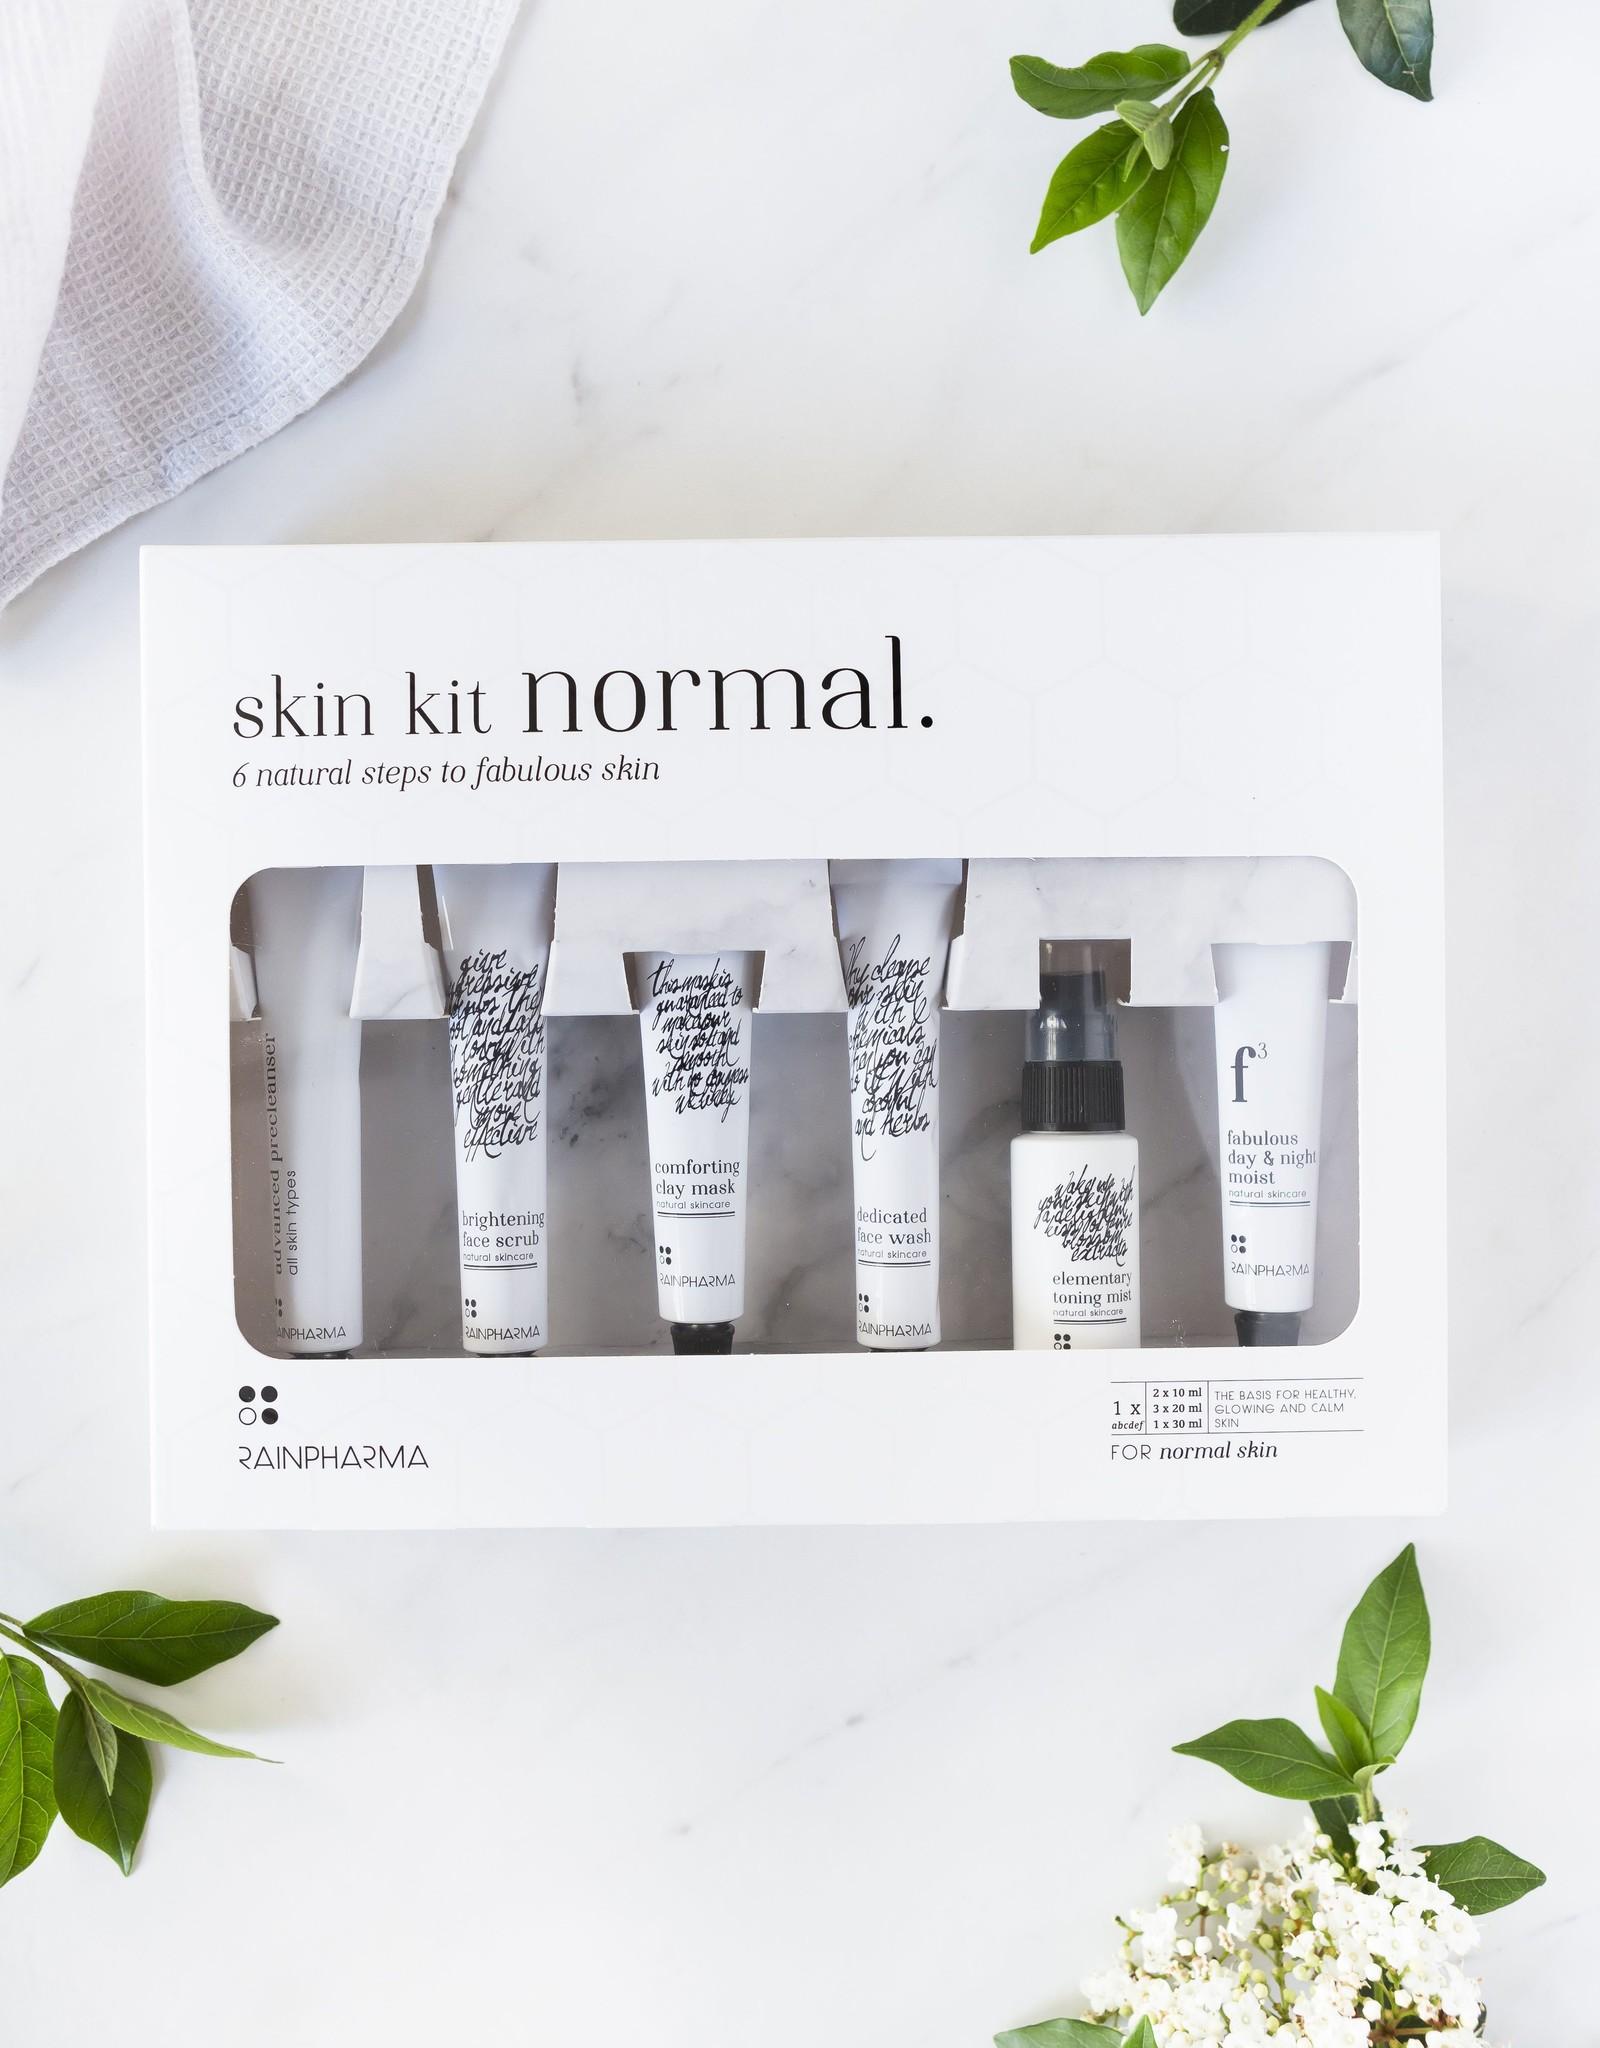 RainPharma Skin Kit Normal - Rainpharma